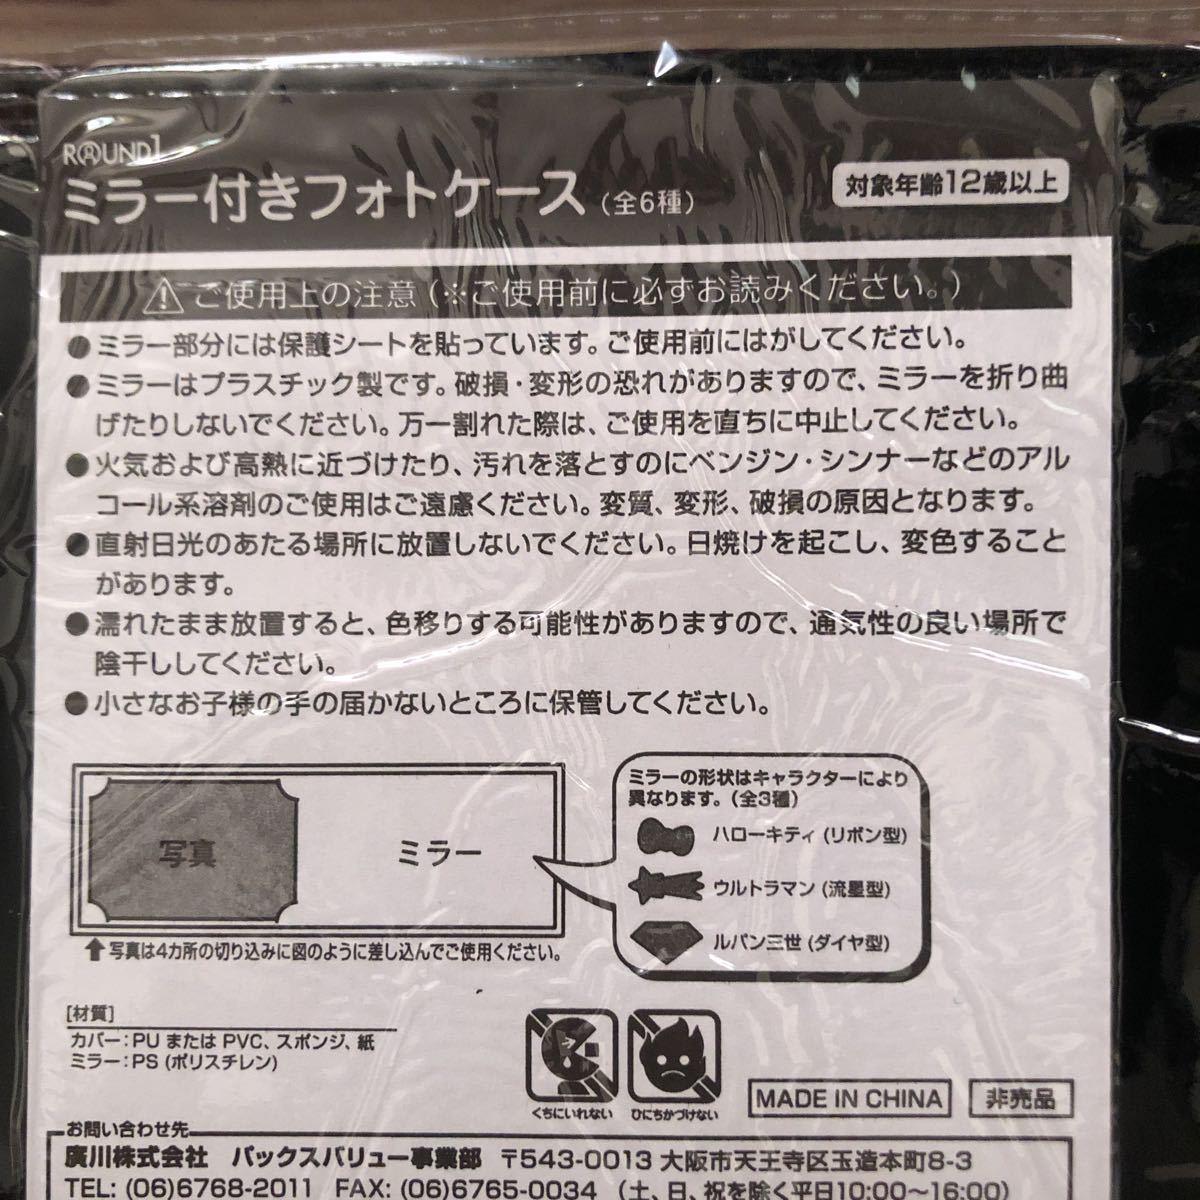 【新品】ROUND1×ルパン三世 モンキー・パンチ/ミラー付きフォトケース黒ピンク/2個セット_画像3